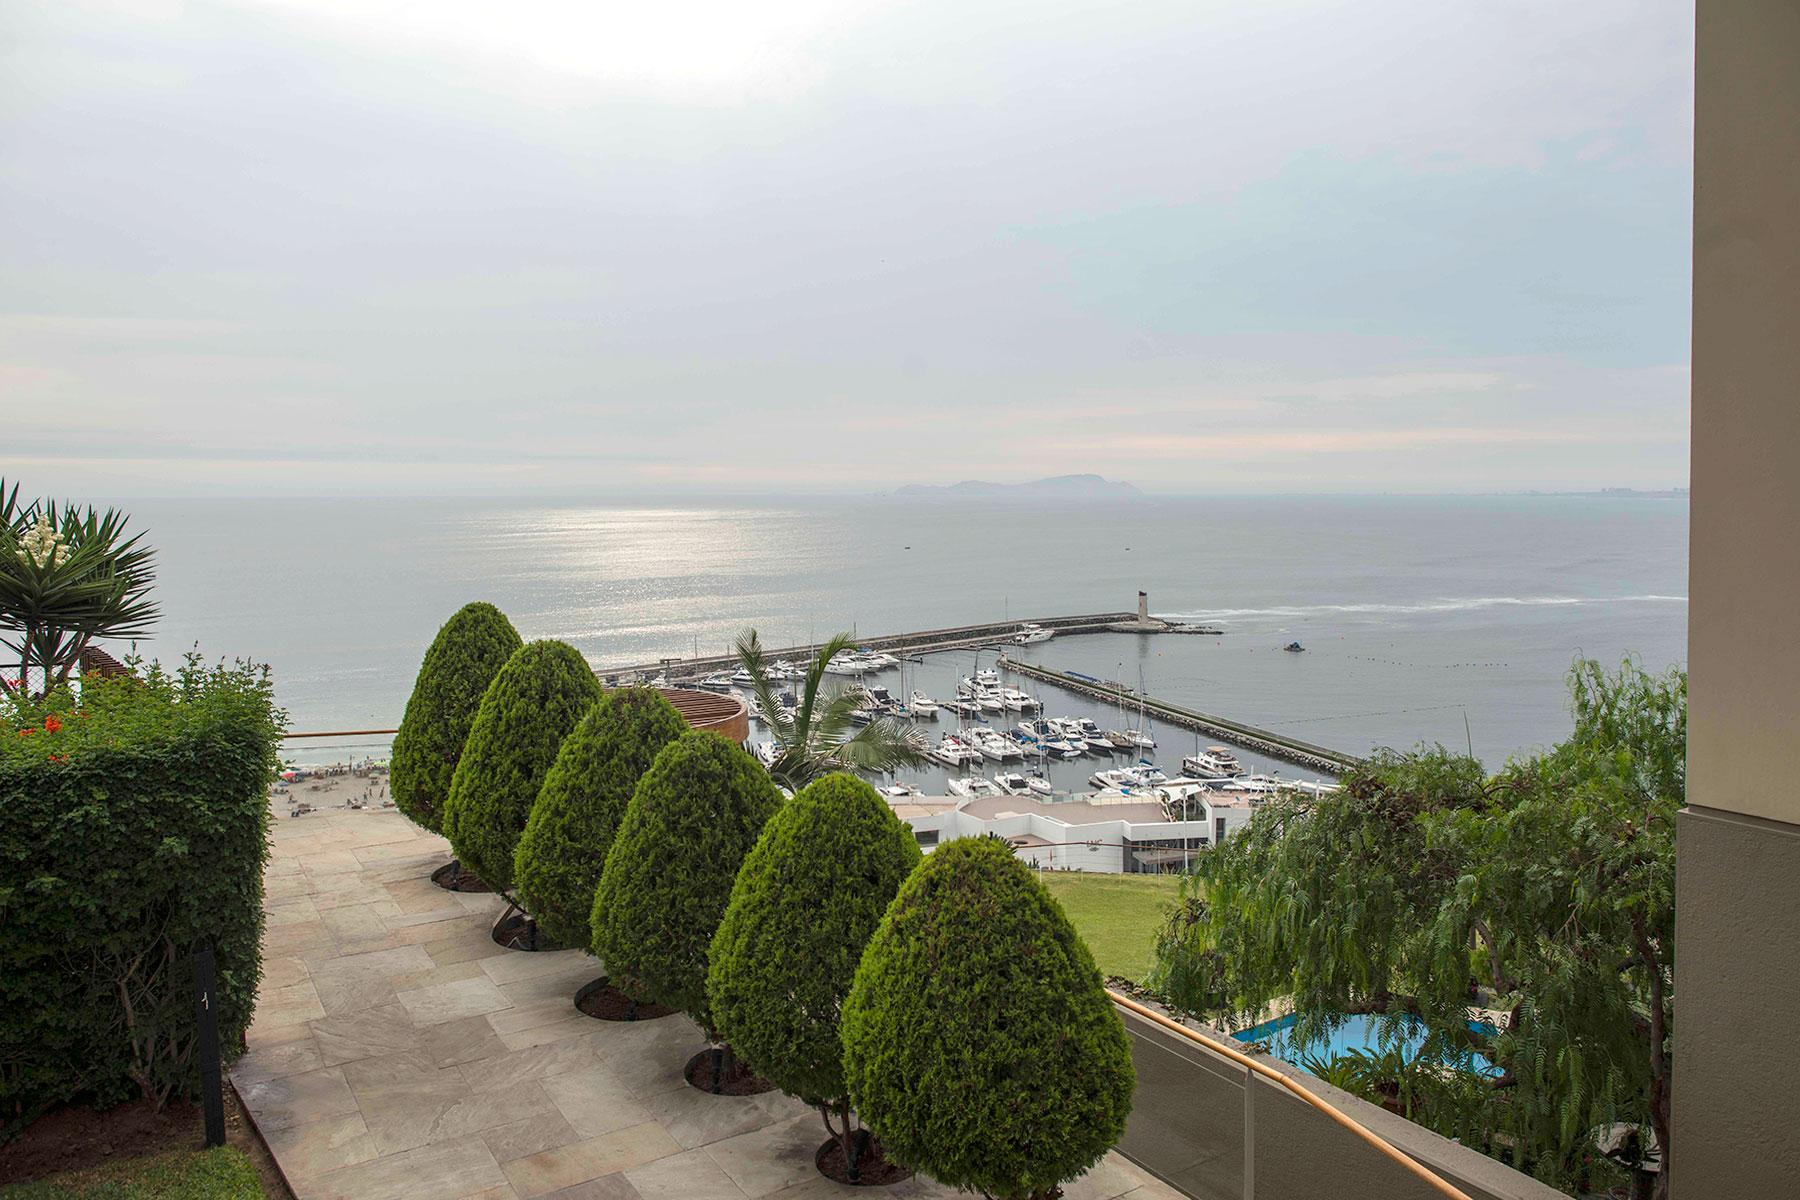 公寓 为 销售 在 Estraordinary apartment with sea view Malecón Pedro de Osma 秘鲁其他地方, 秘鲁其他地方, 04 秘鲁